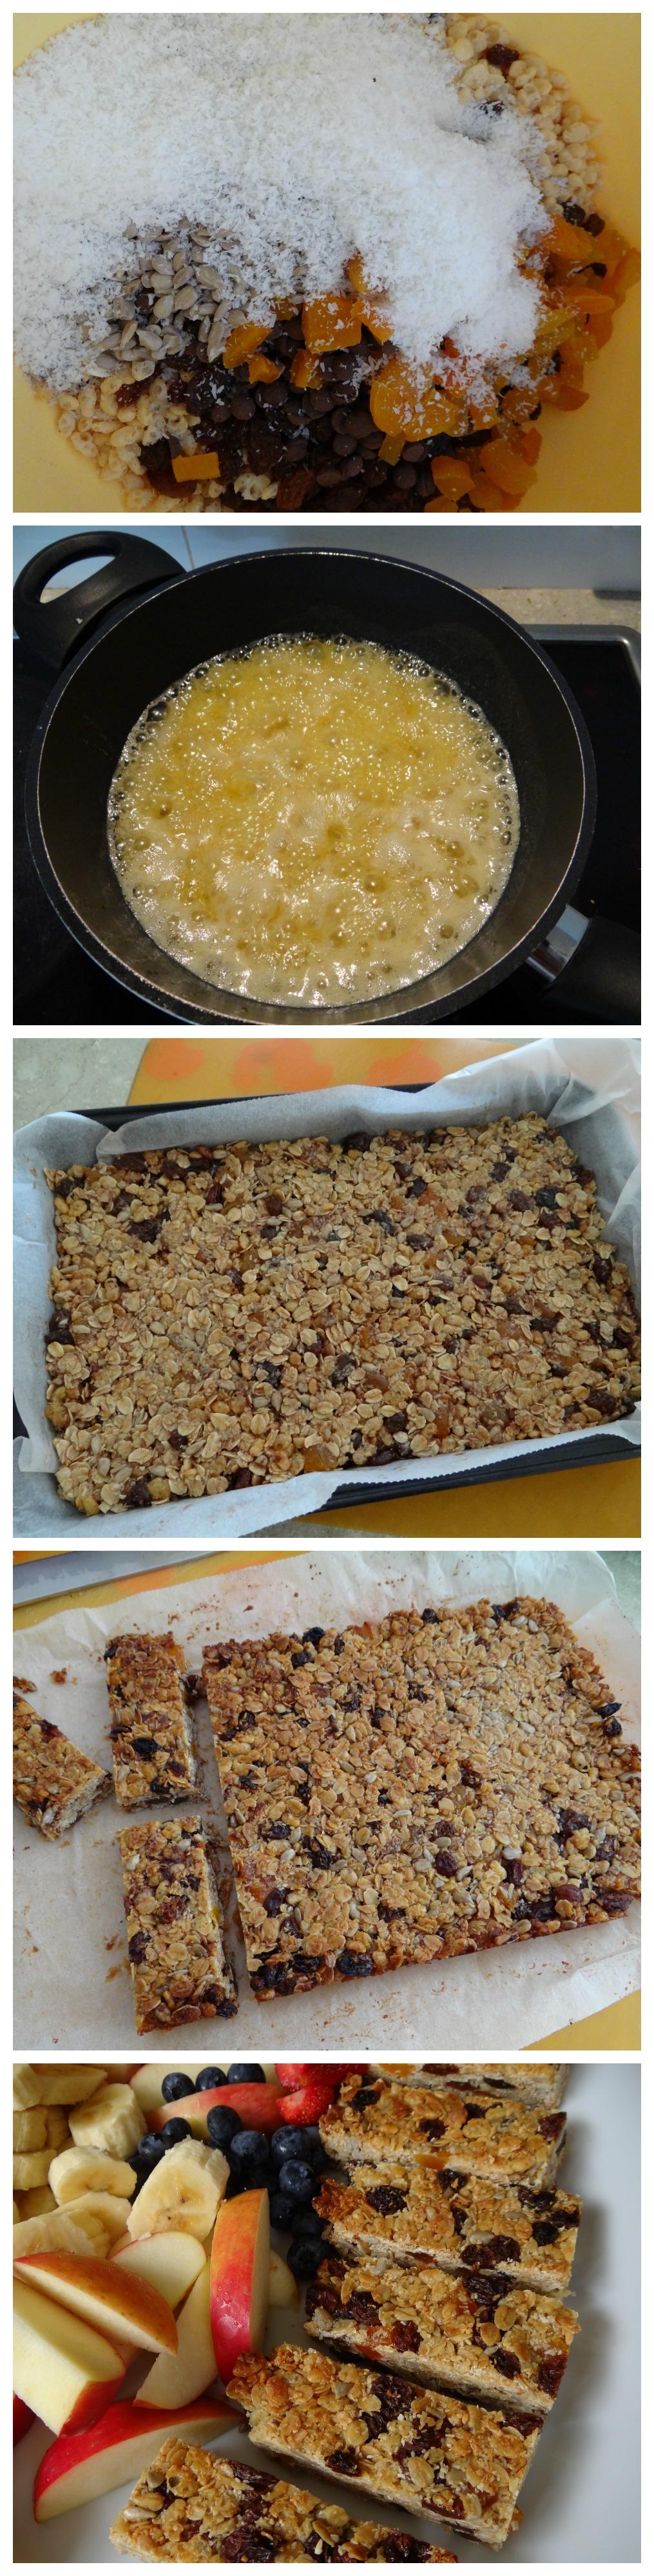 muesli slice recipe - easy lunch box recipe